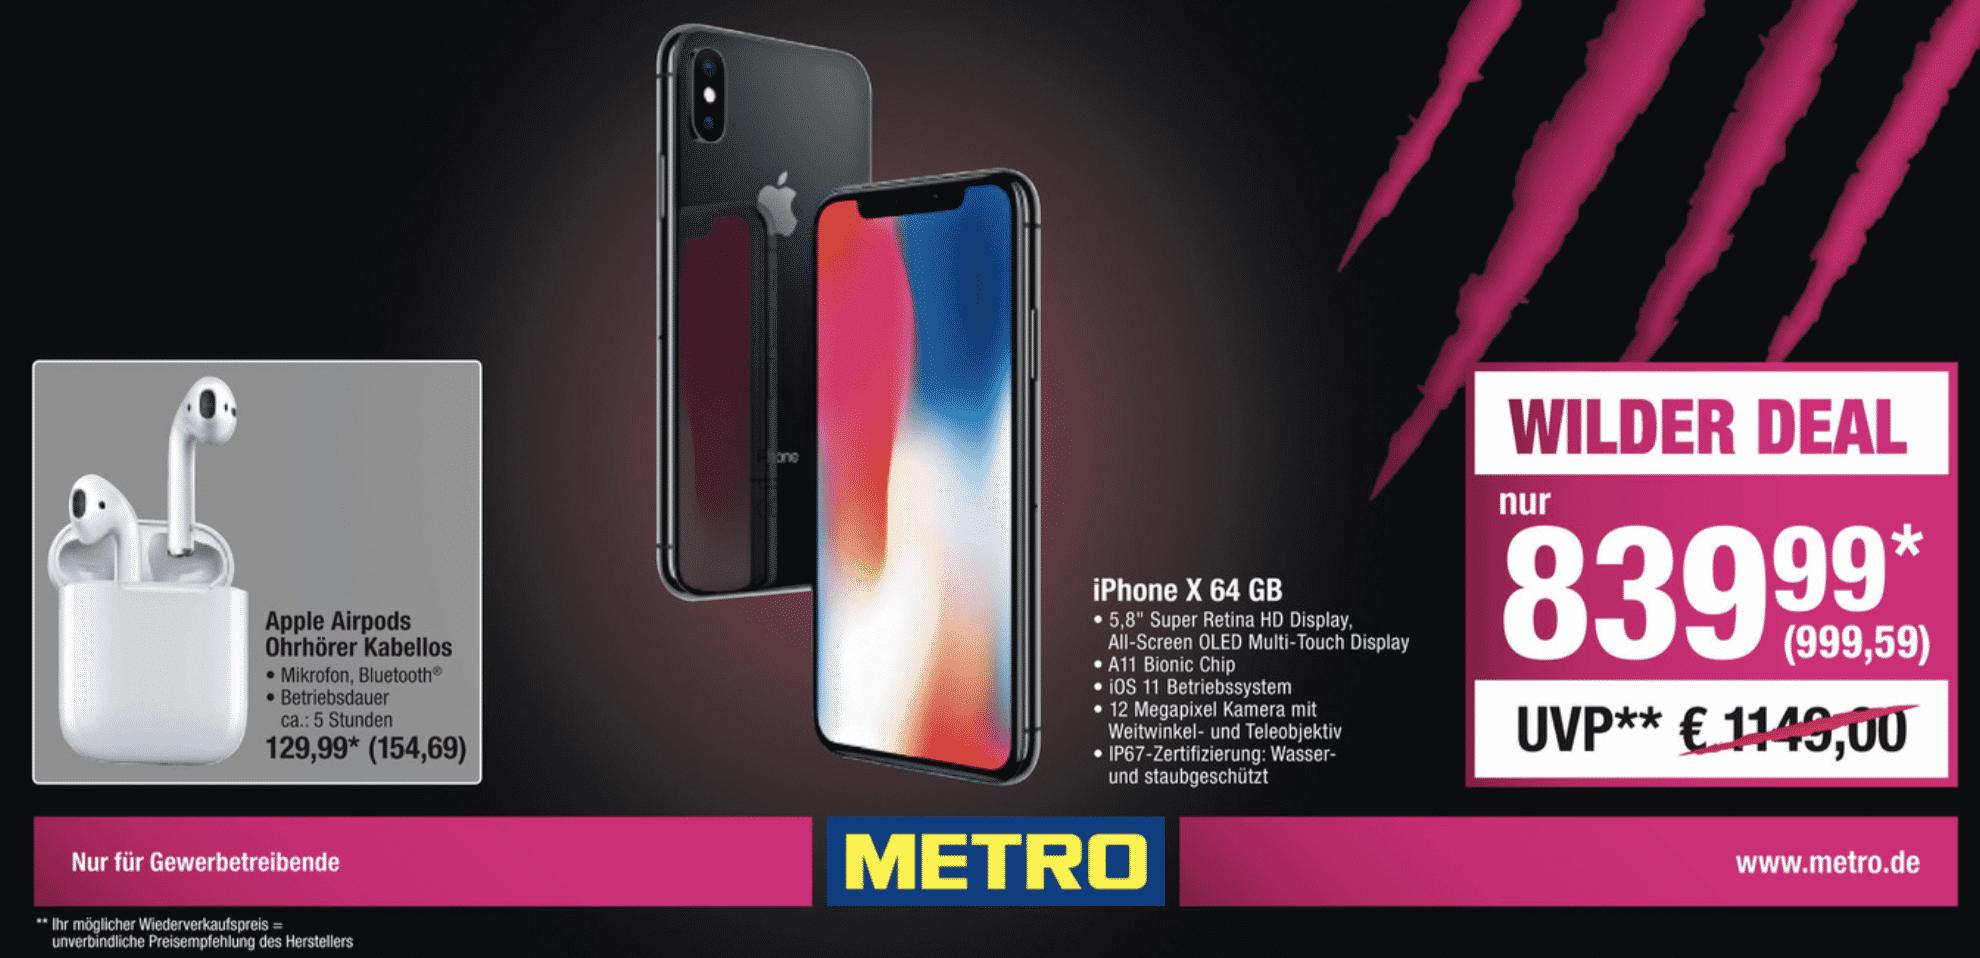 Metro iPhone X